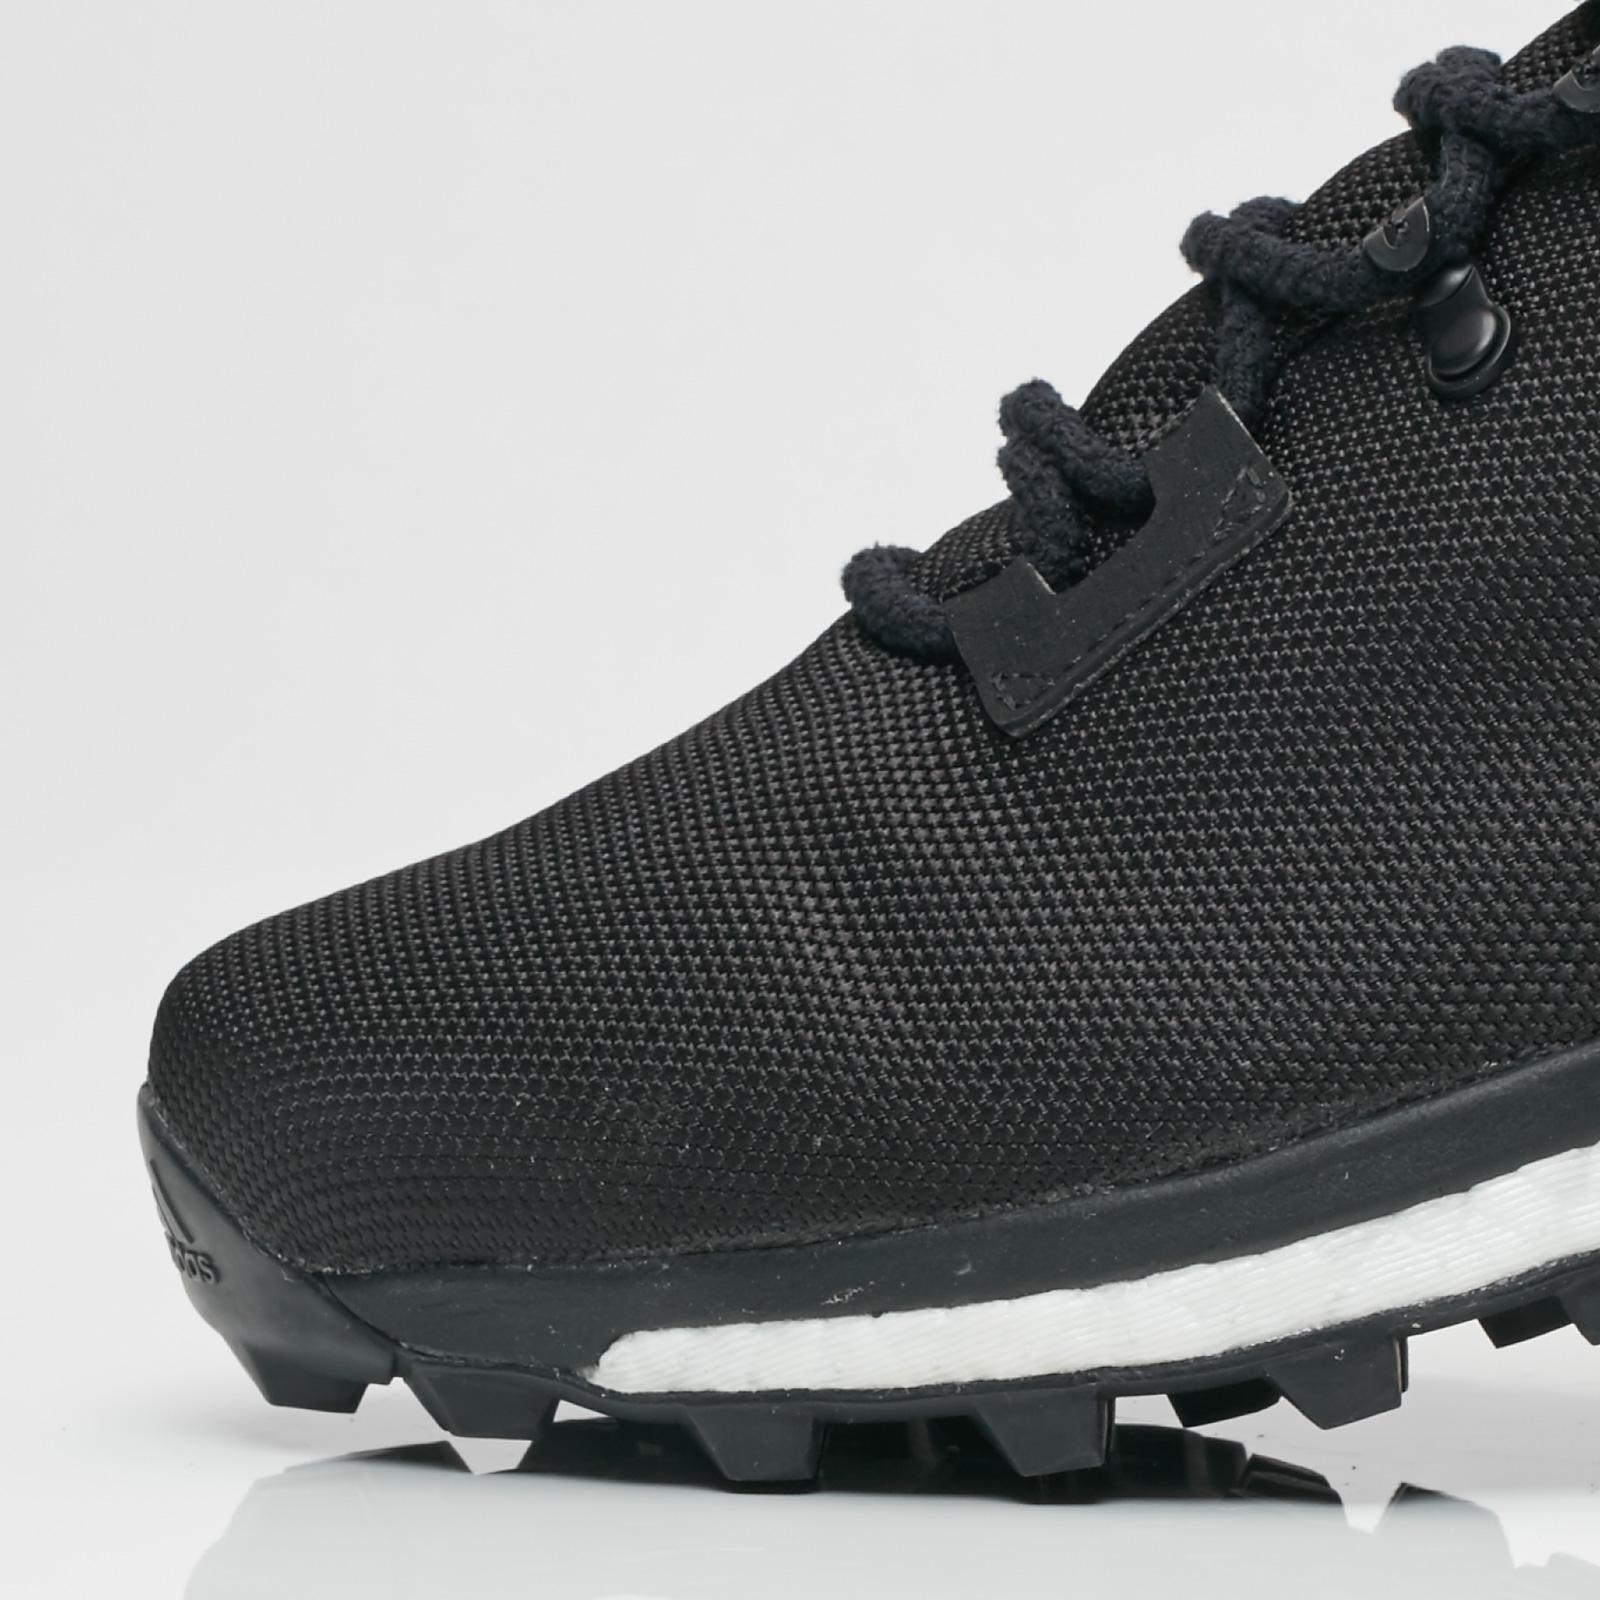 buy popular 45277 bc81f ... adidas Consortium ADO Terrex Agravic ...